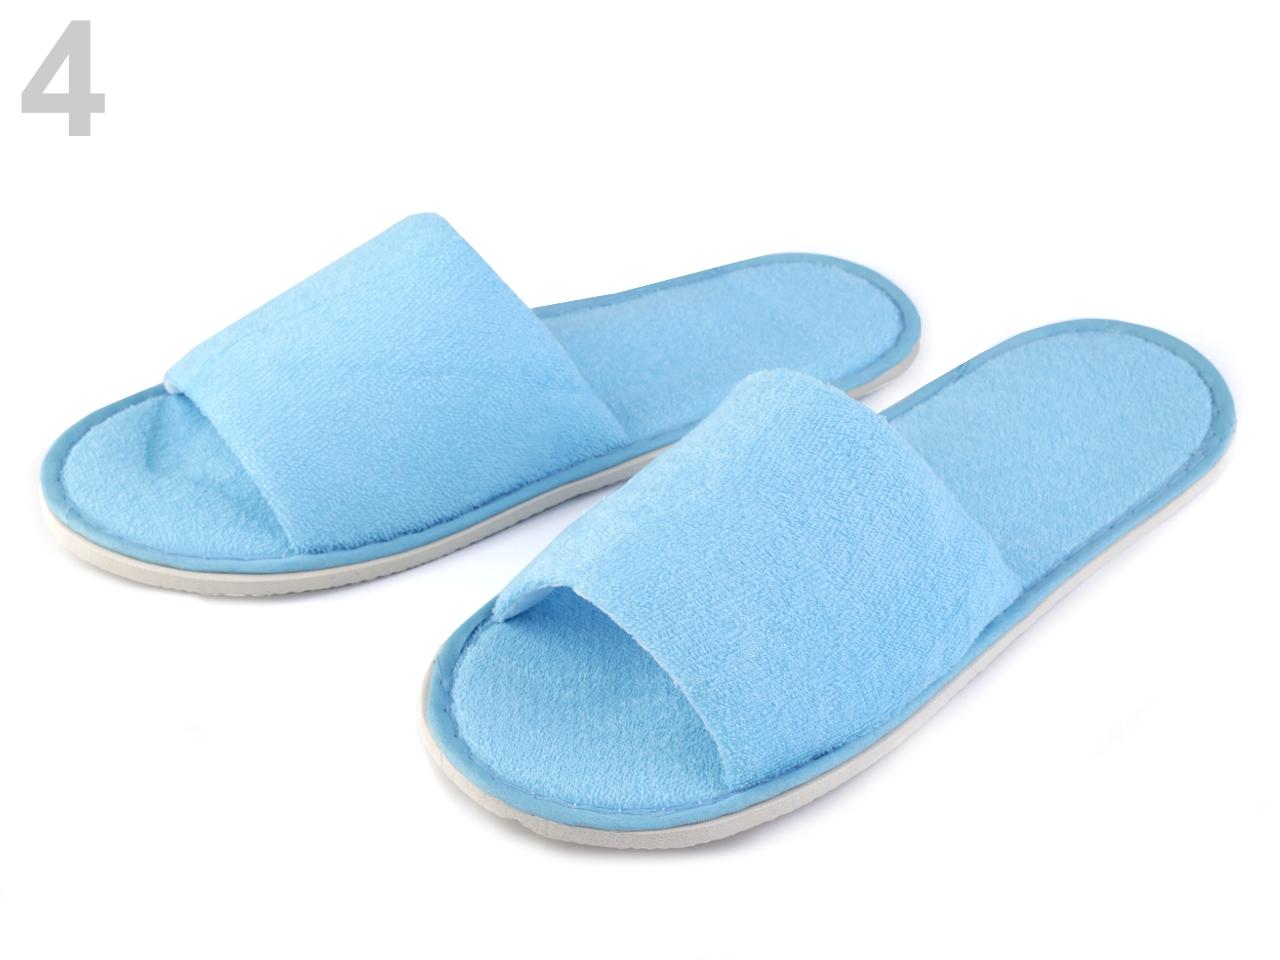 Pantofle textilní 1pár - 92 Kč / pár 4 modrá nebeská